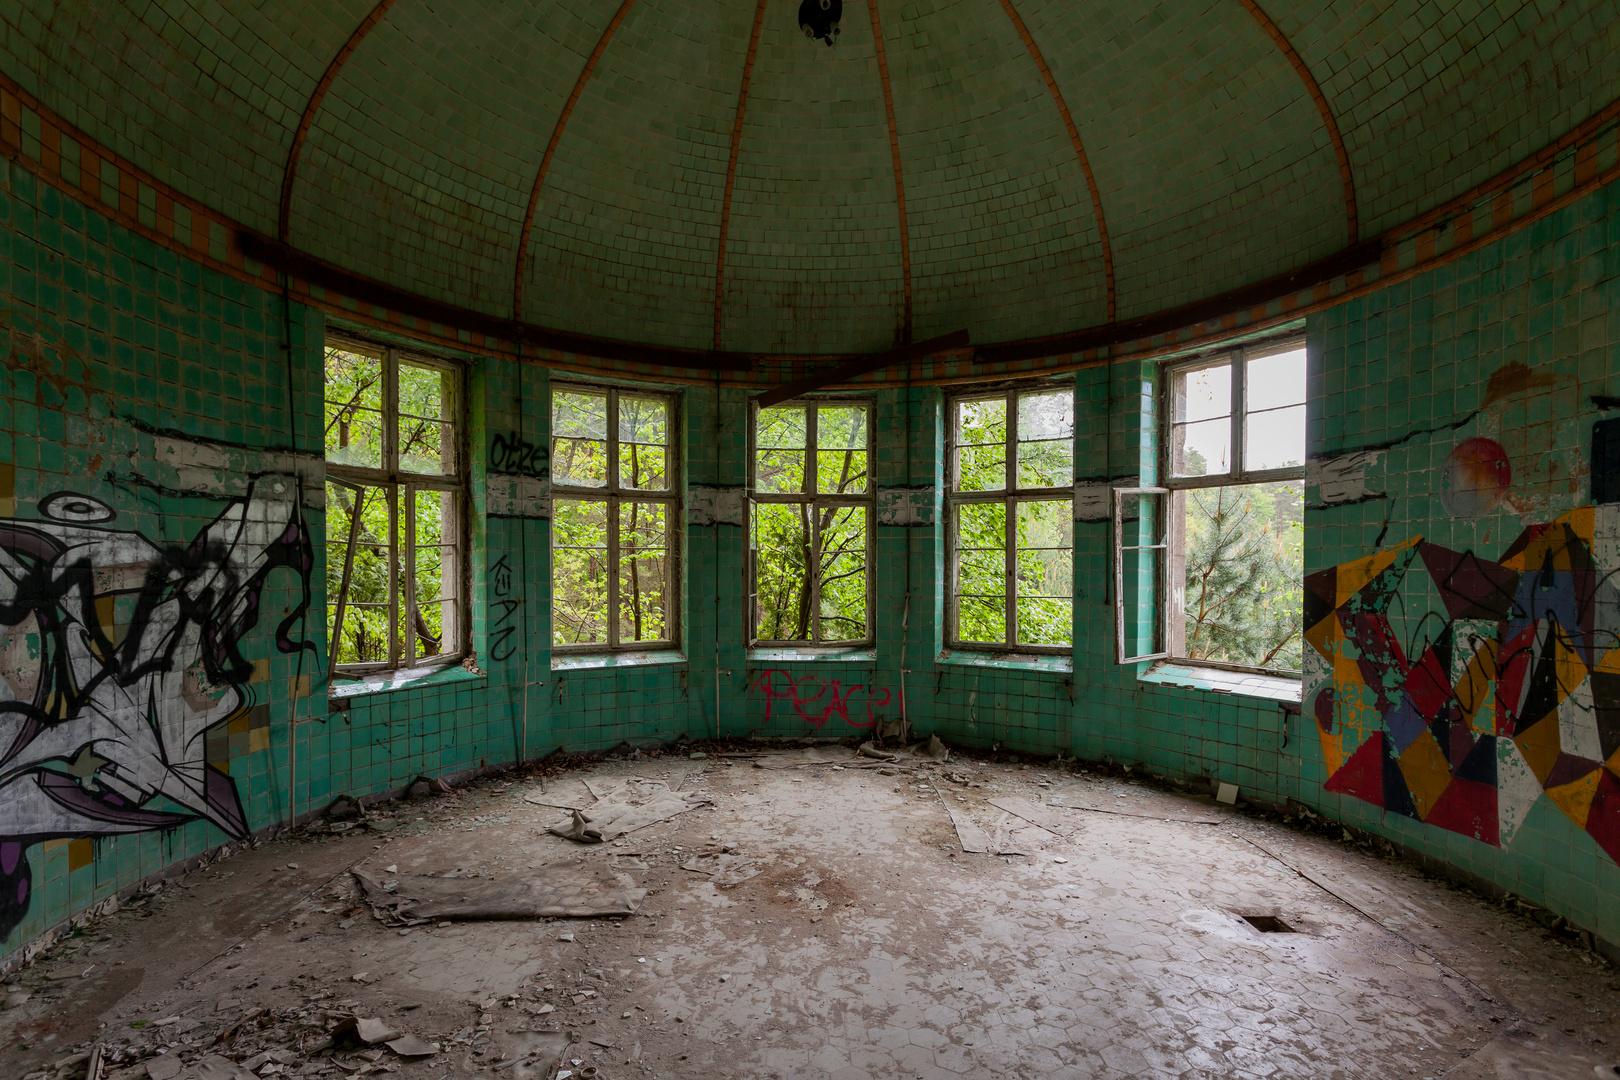 Beelitz Heilstätten - Frauenlungenheilstätte Chirurgie (4)